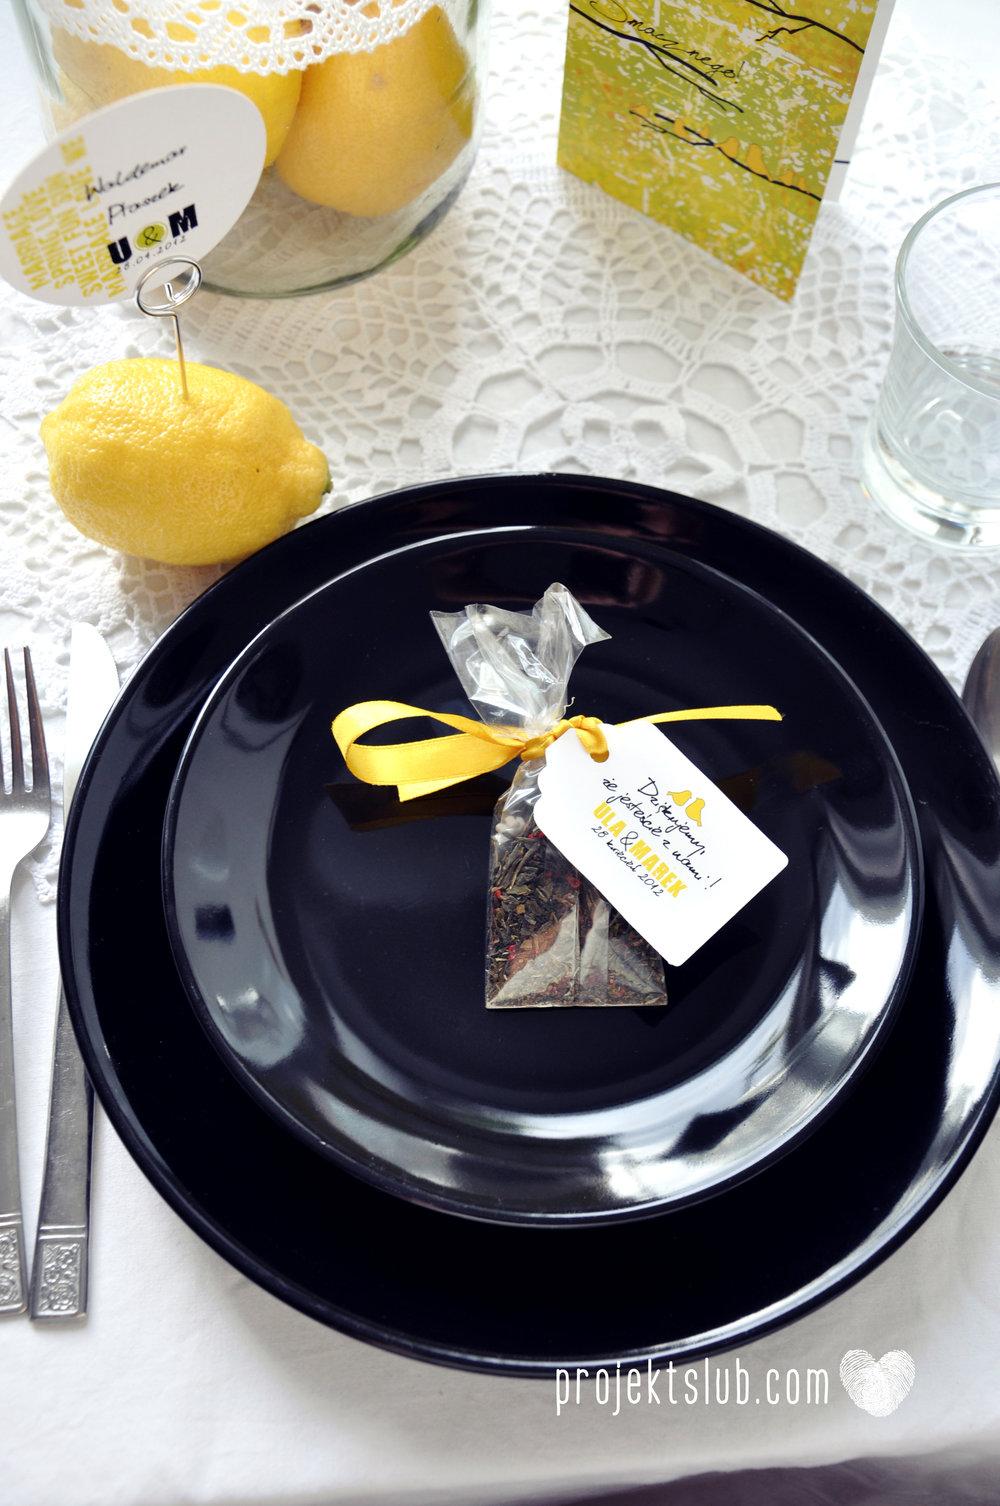 zaproszenia-ślubne-ze-wstążką-sprong-love-zołty-zielony-dl-zaproszenia- projekt-ślub (13).jpg